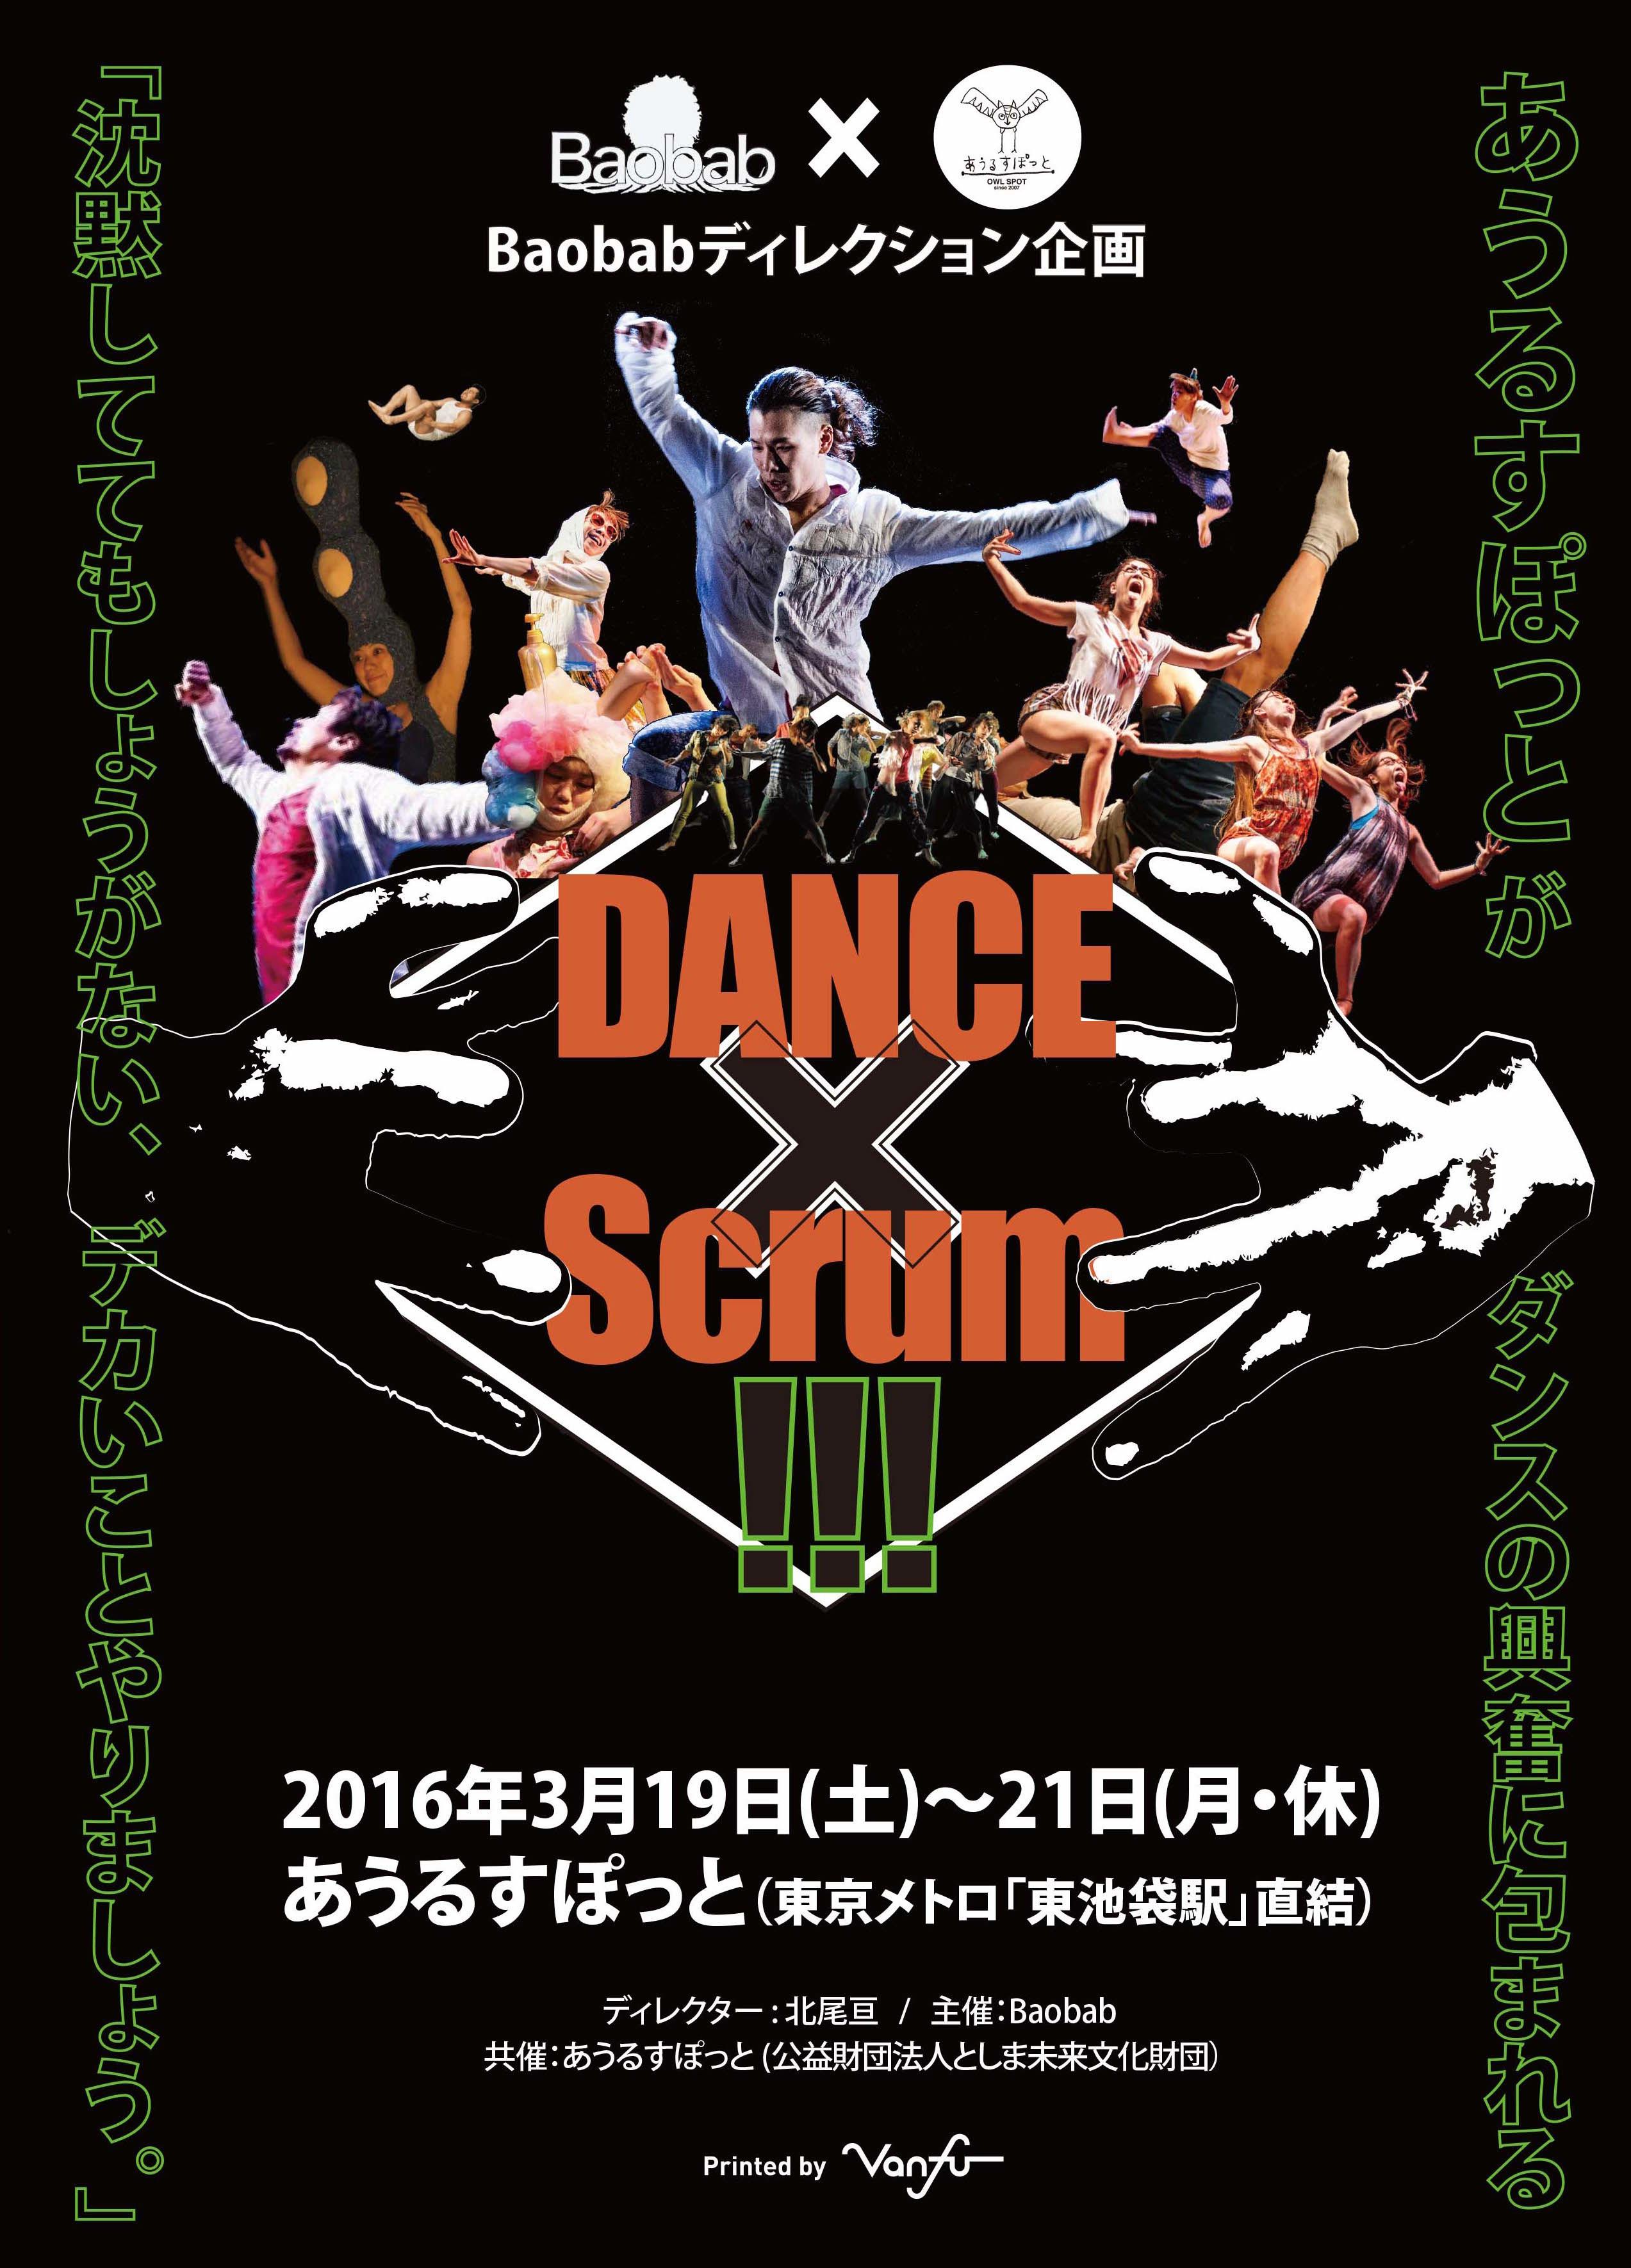 Baobab『DANCE×Scrum!!!』